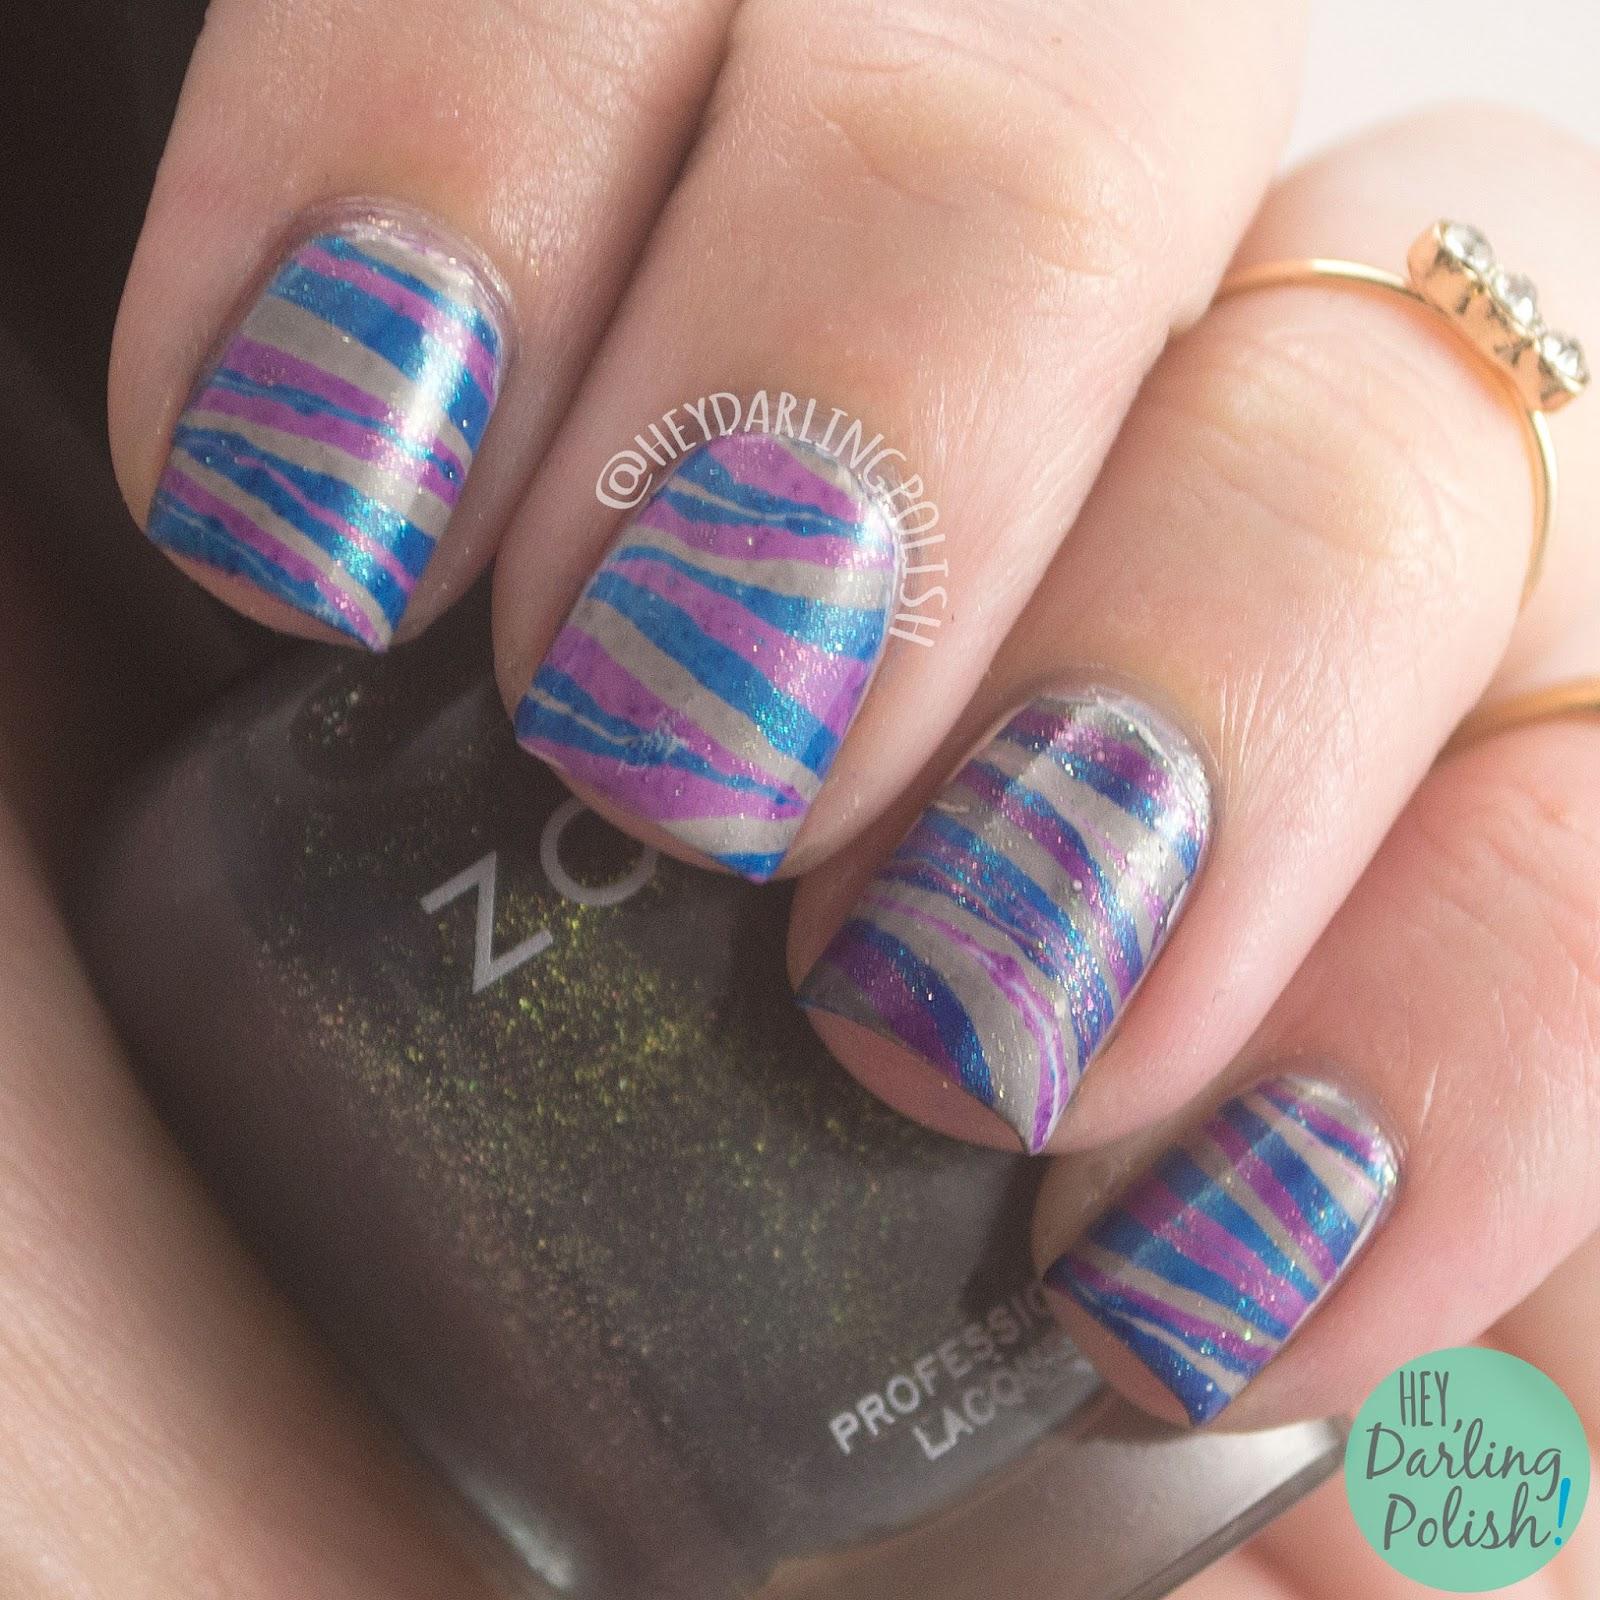 nails, nail polish, hey darling polish, fall favorites, hobby polish bloggers, watermarble, zoya, ignite, yuna, remy, sansa, nail art